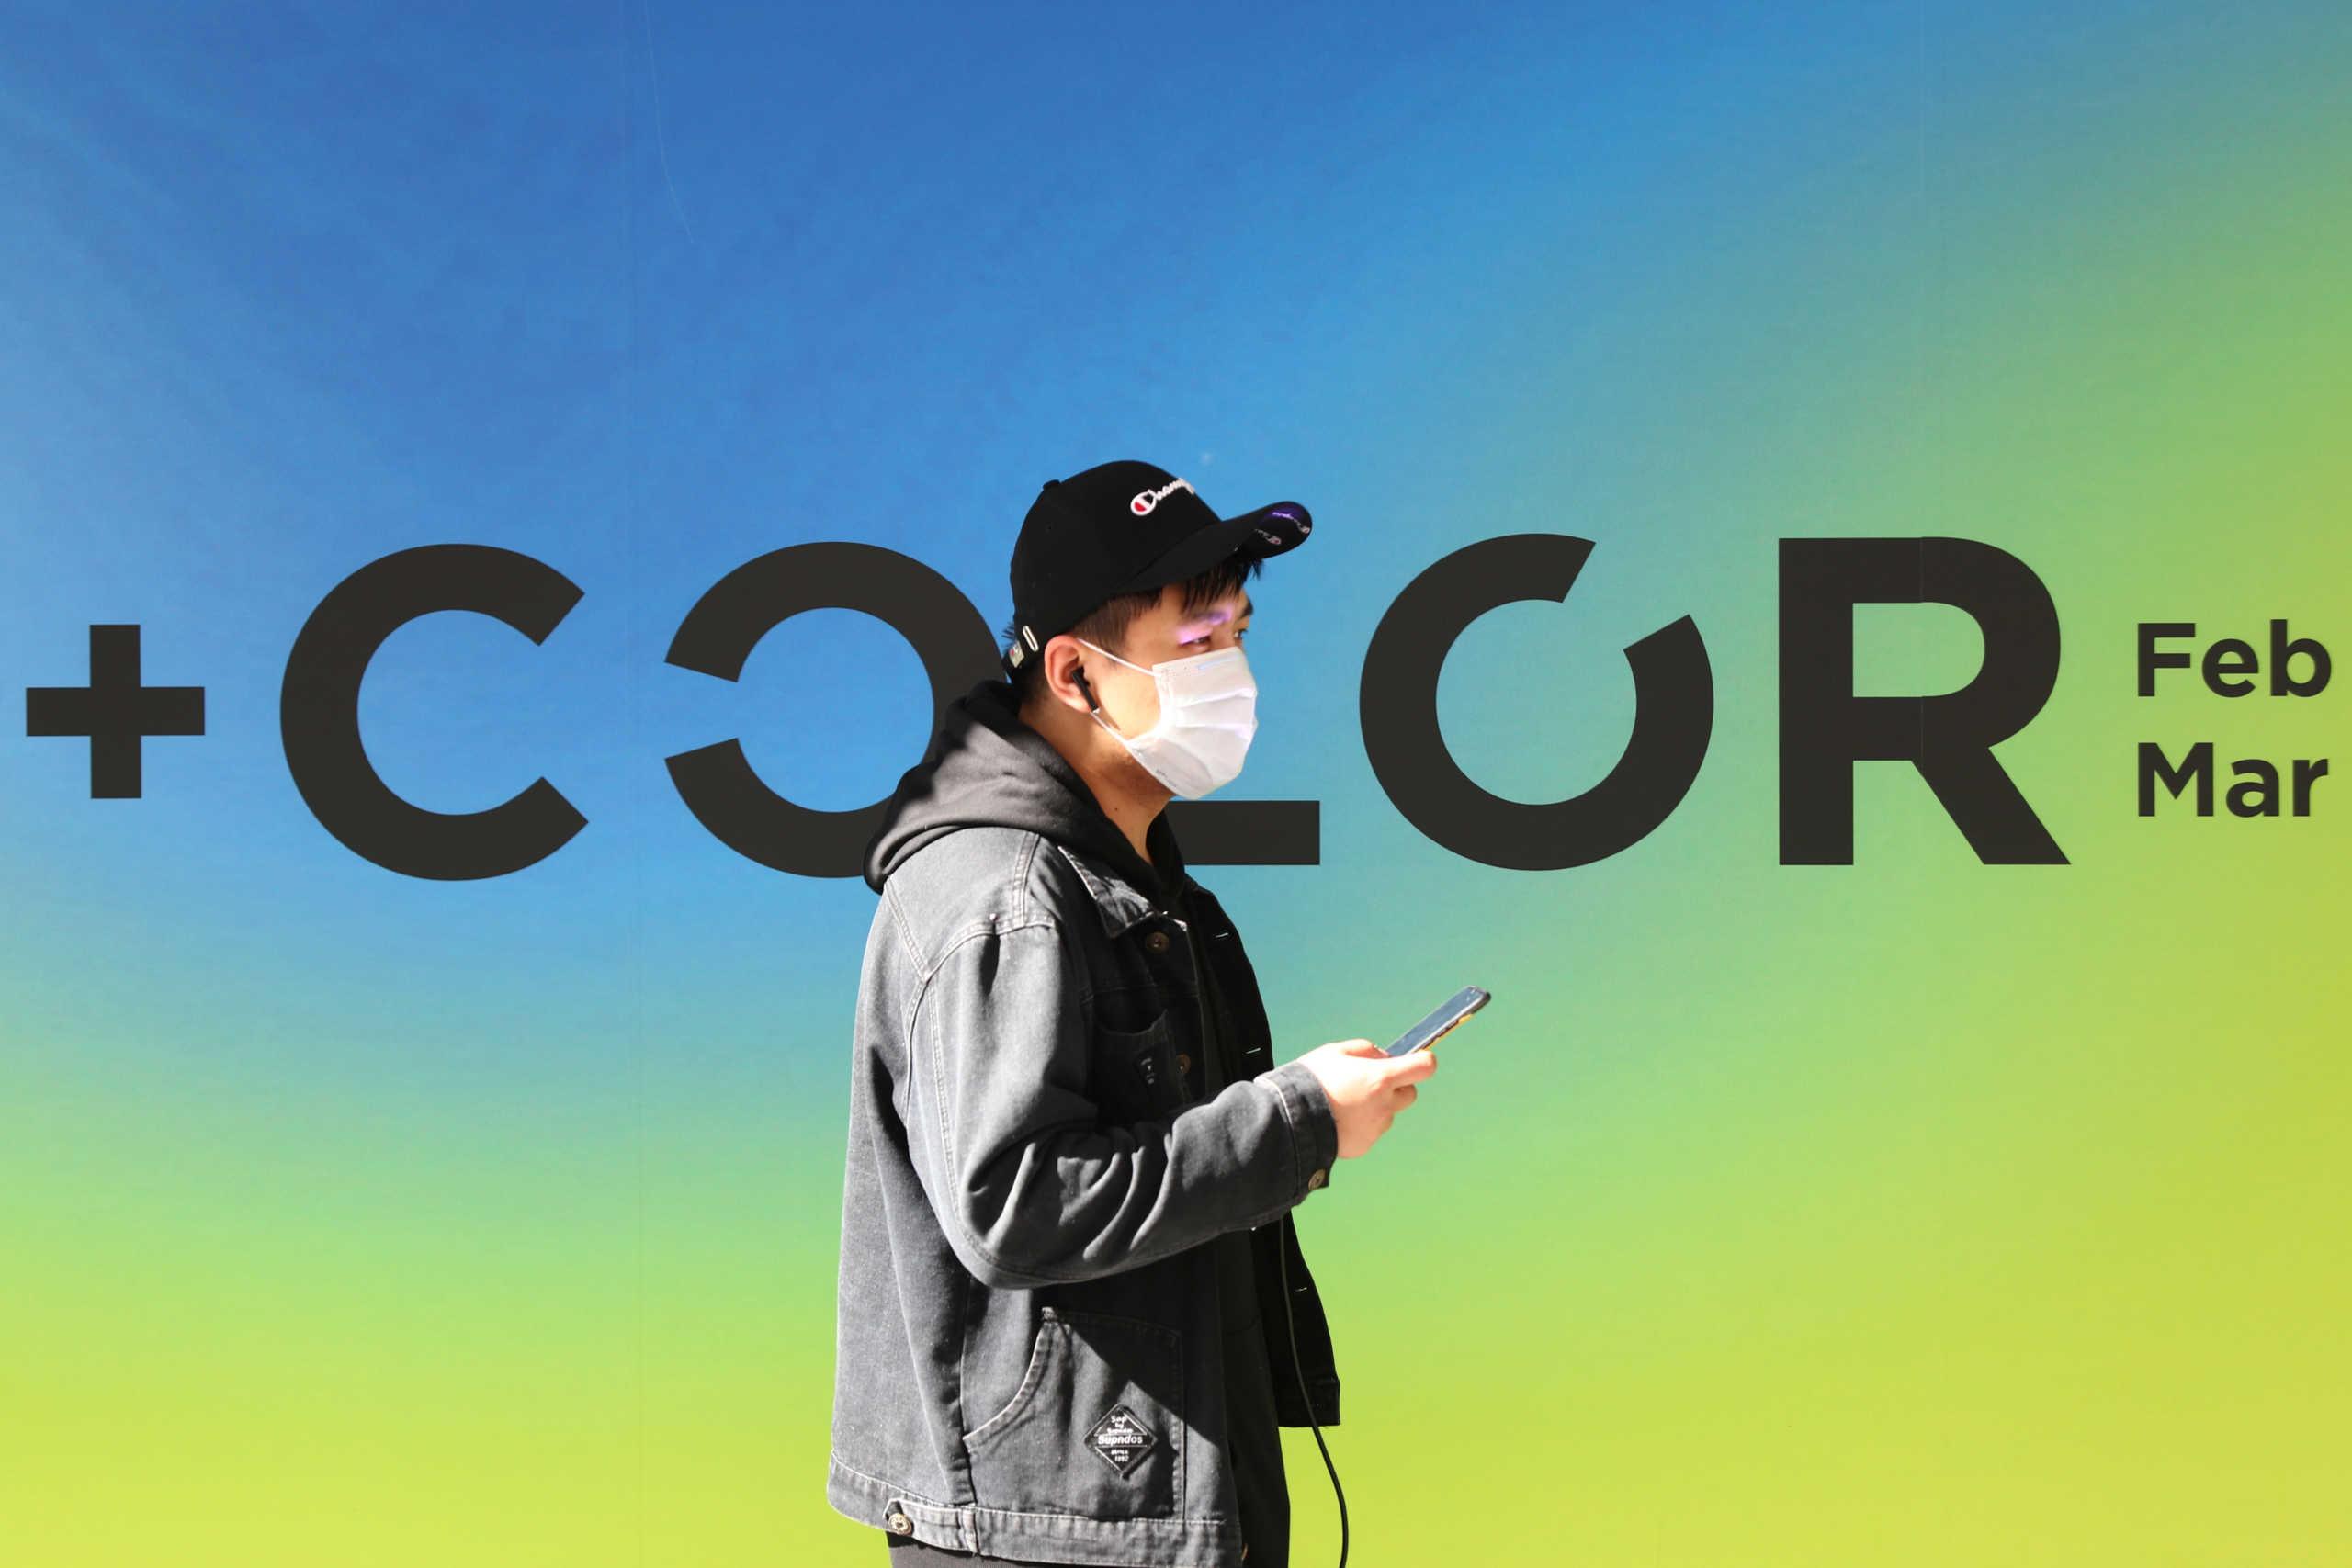 Κορονοϊός: Έτσι θα κρατήσουμε καθαρό το κινητό μας